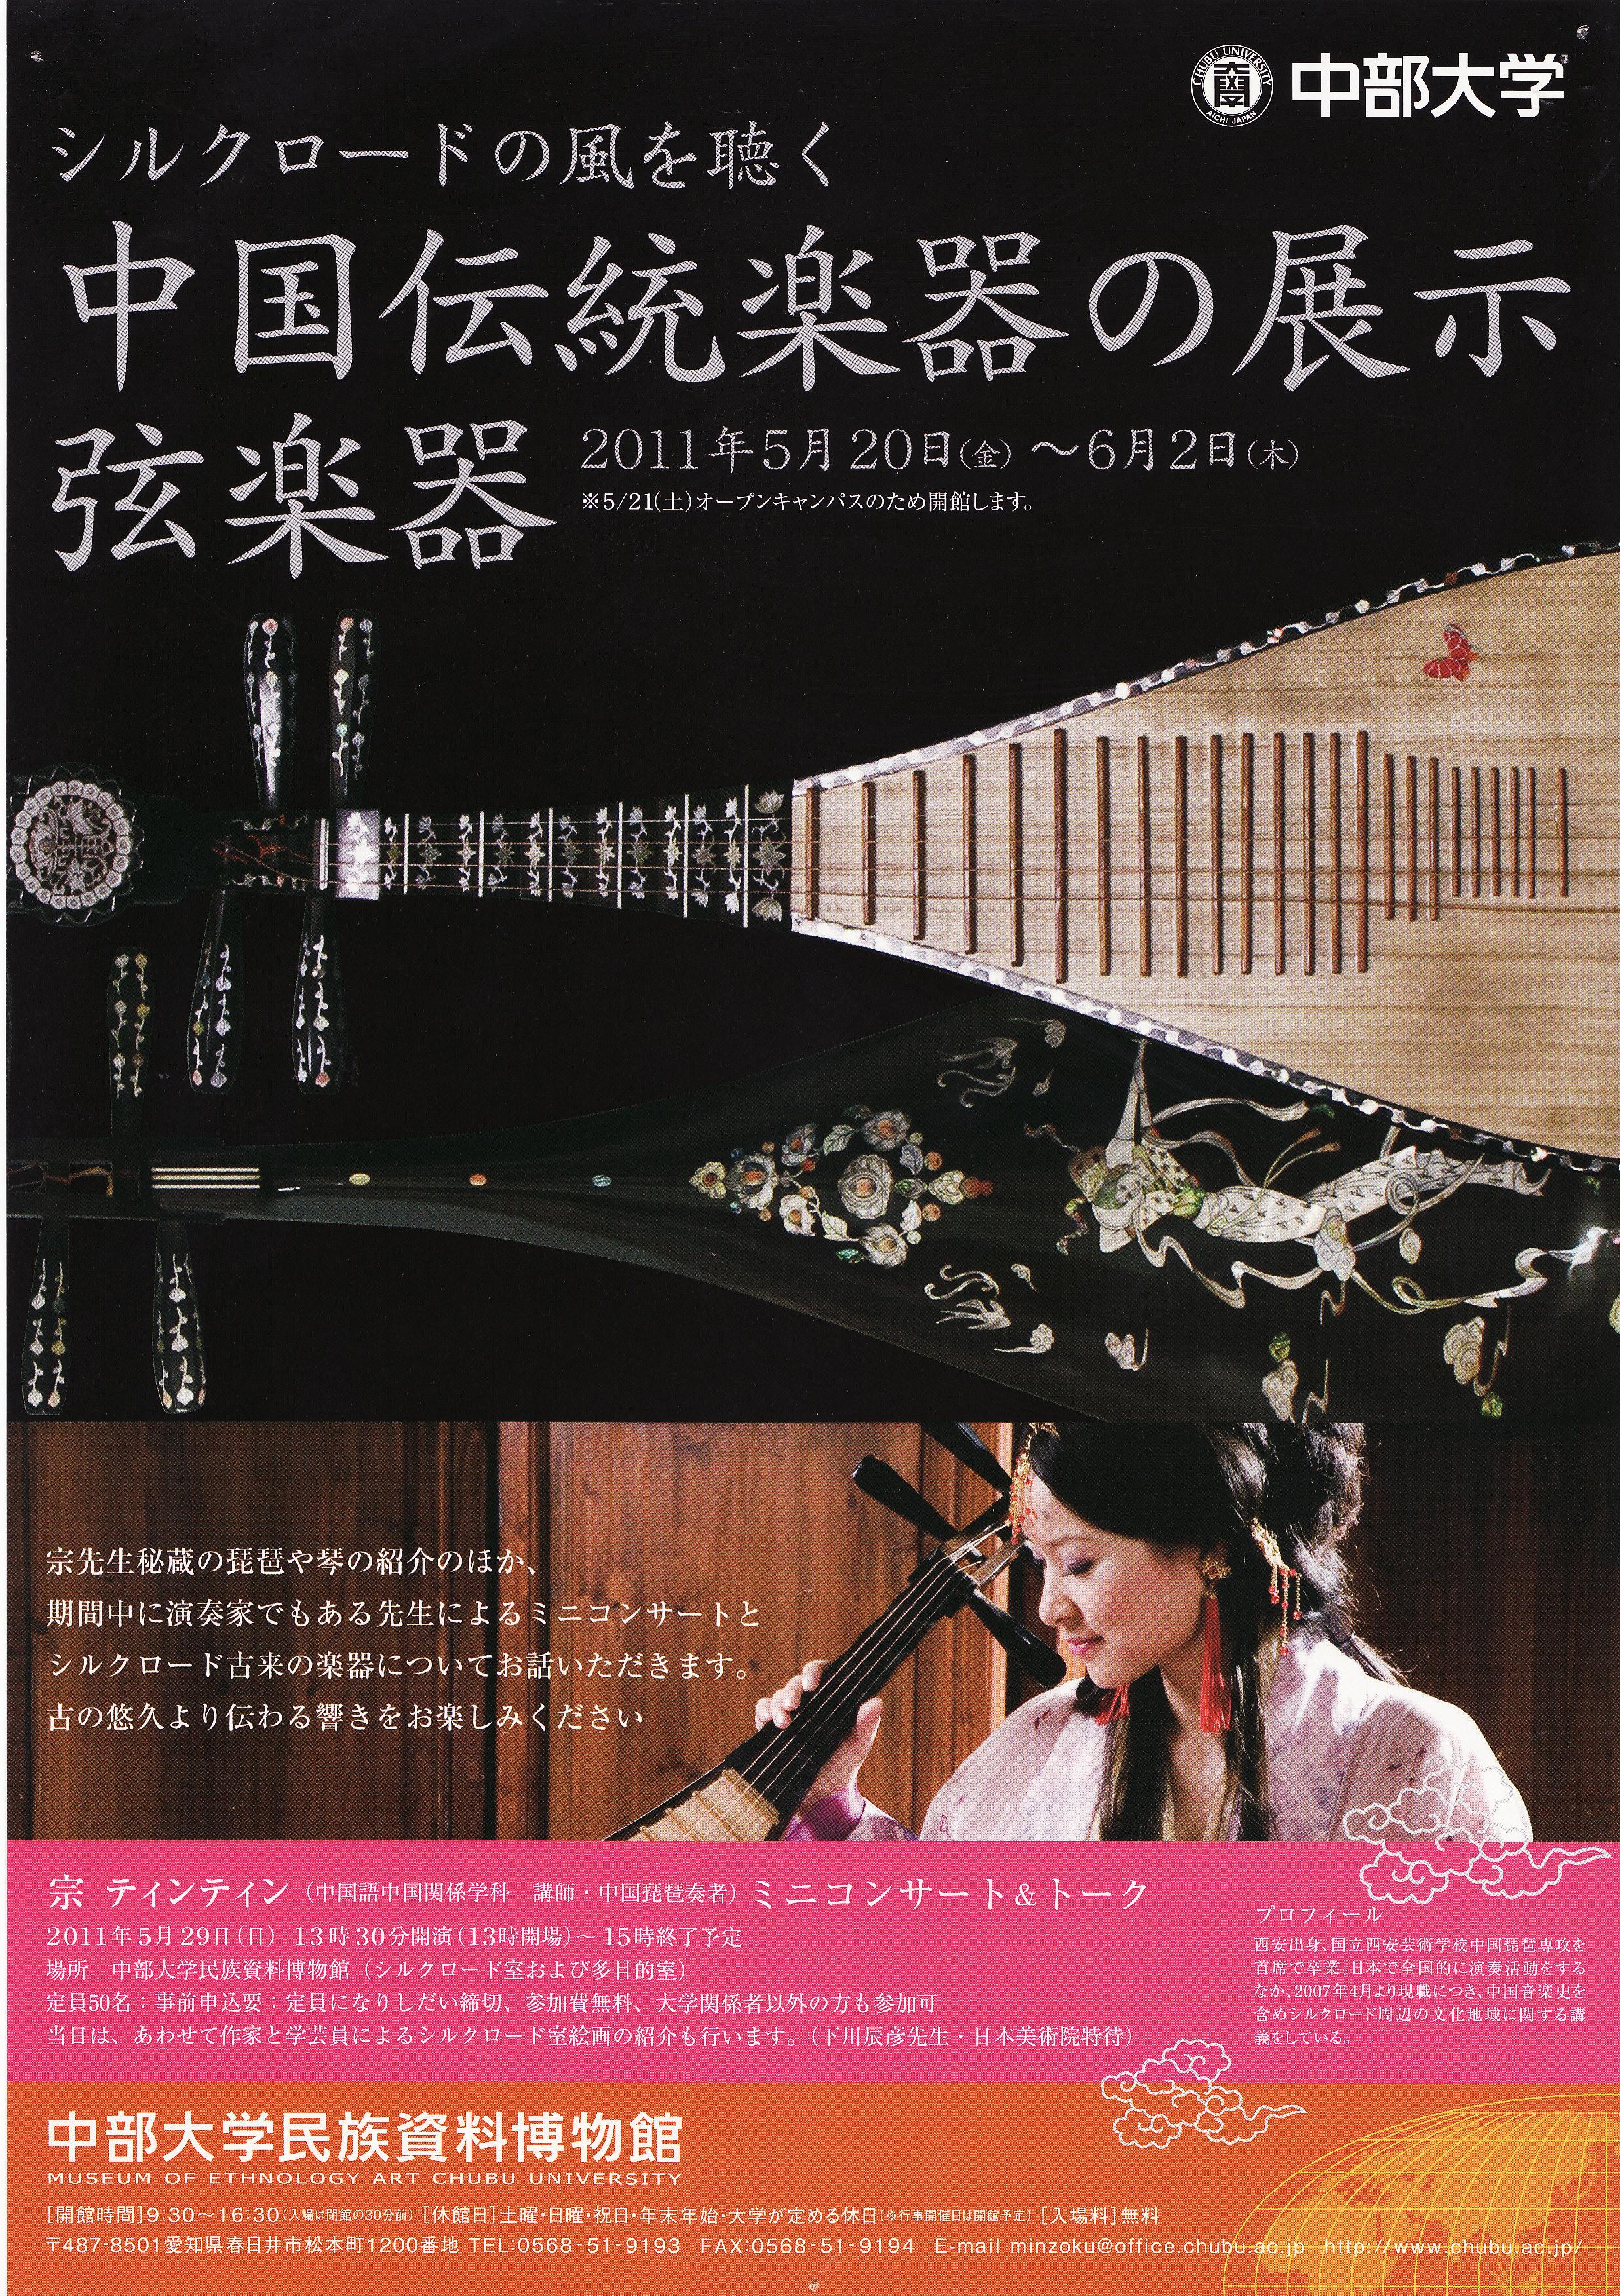 博物館シリーズ「弦楽器」